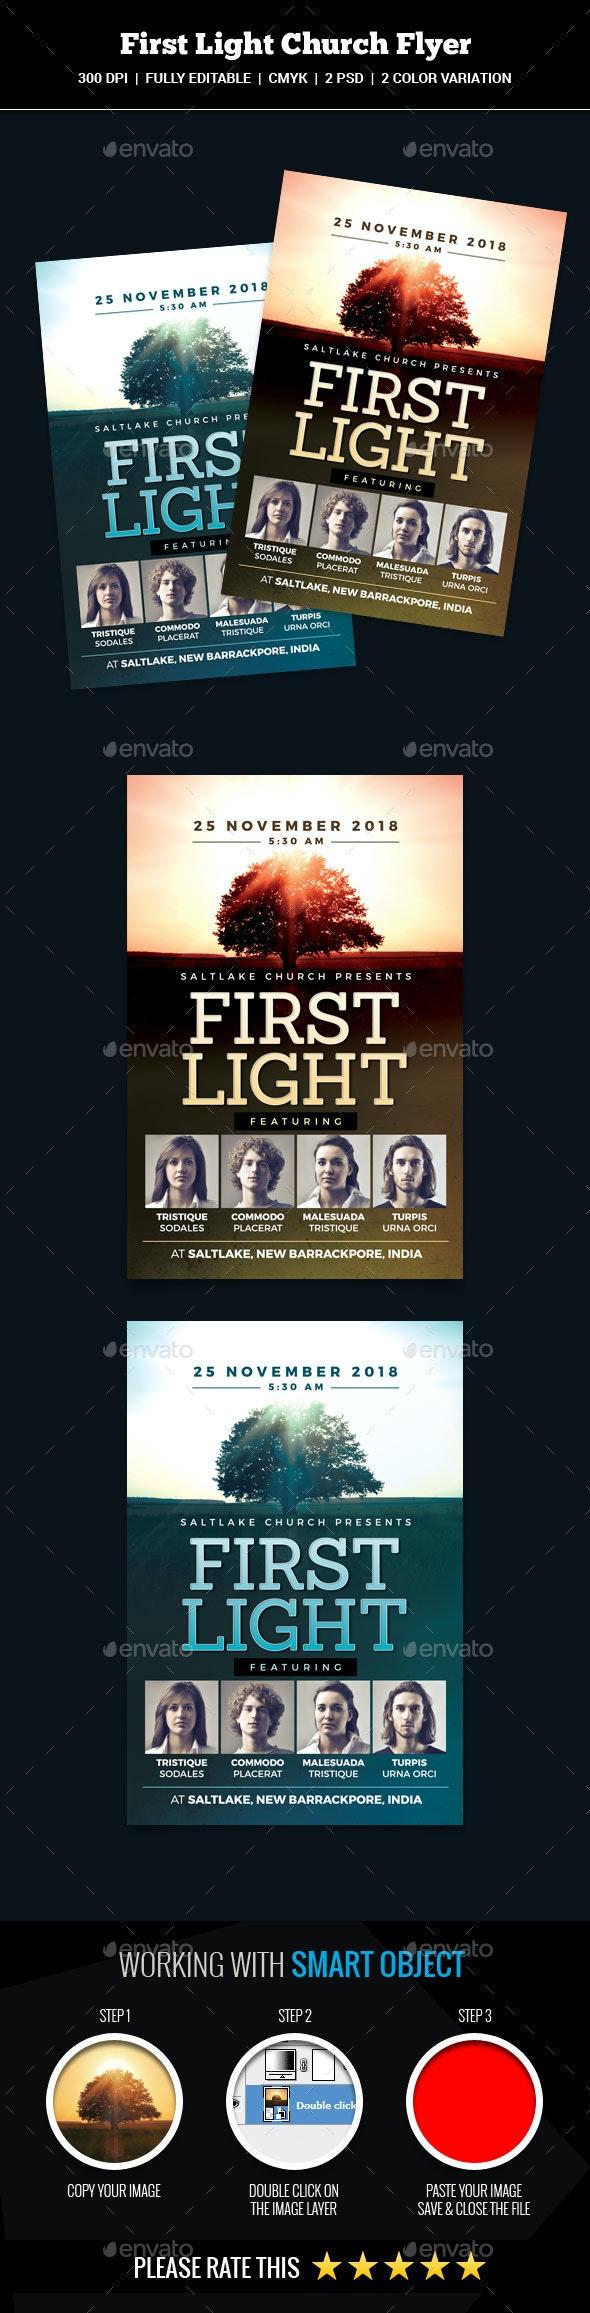 First Light Church Flyer - Church Flyers